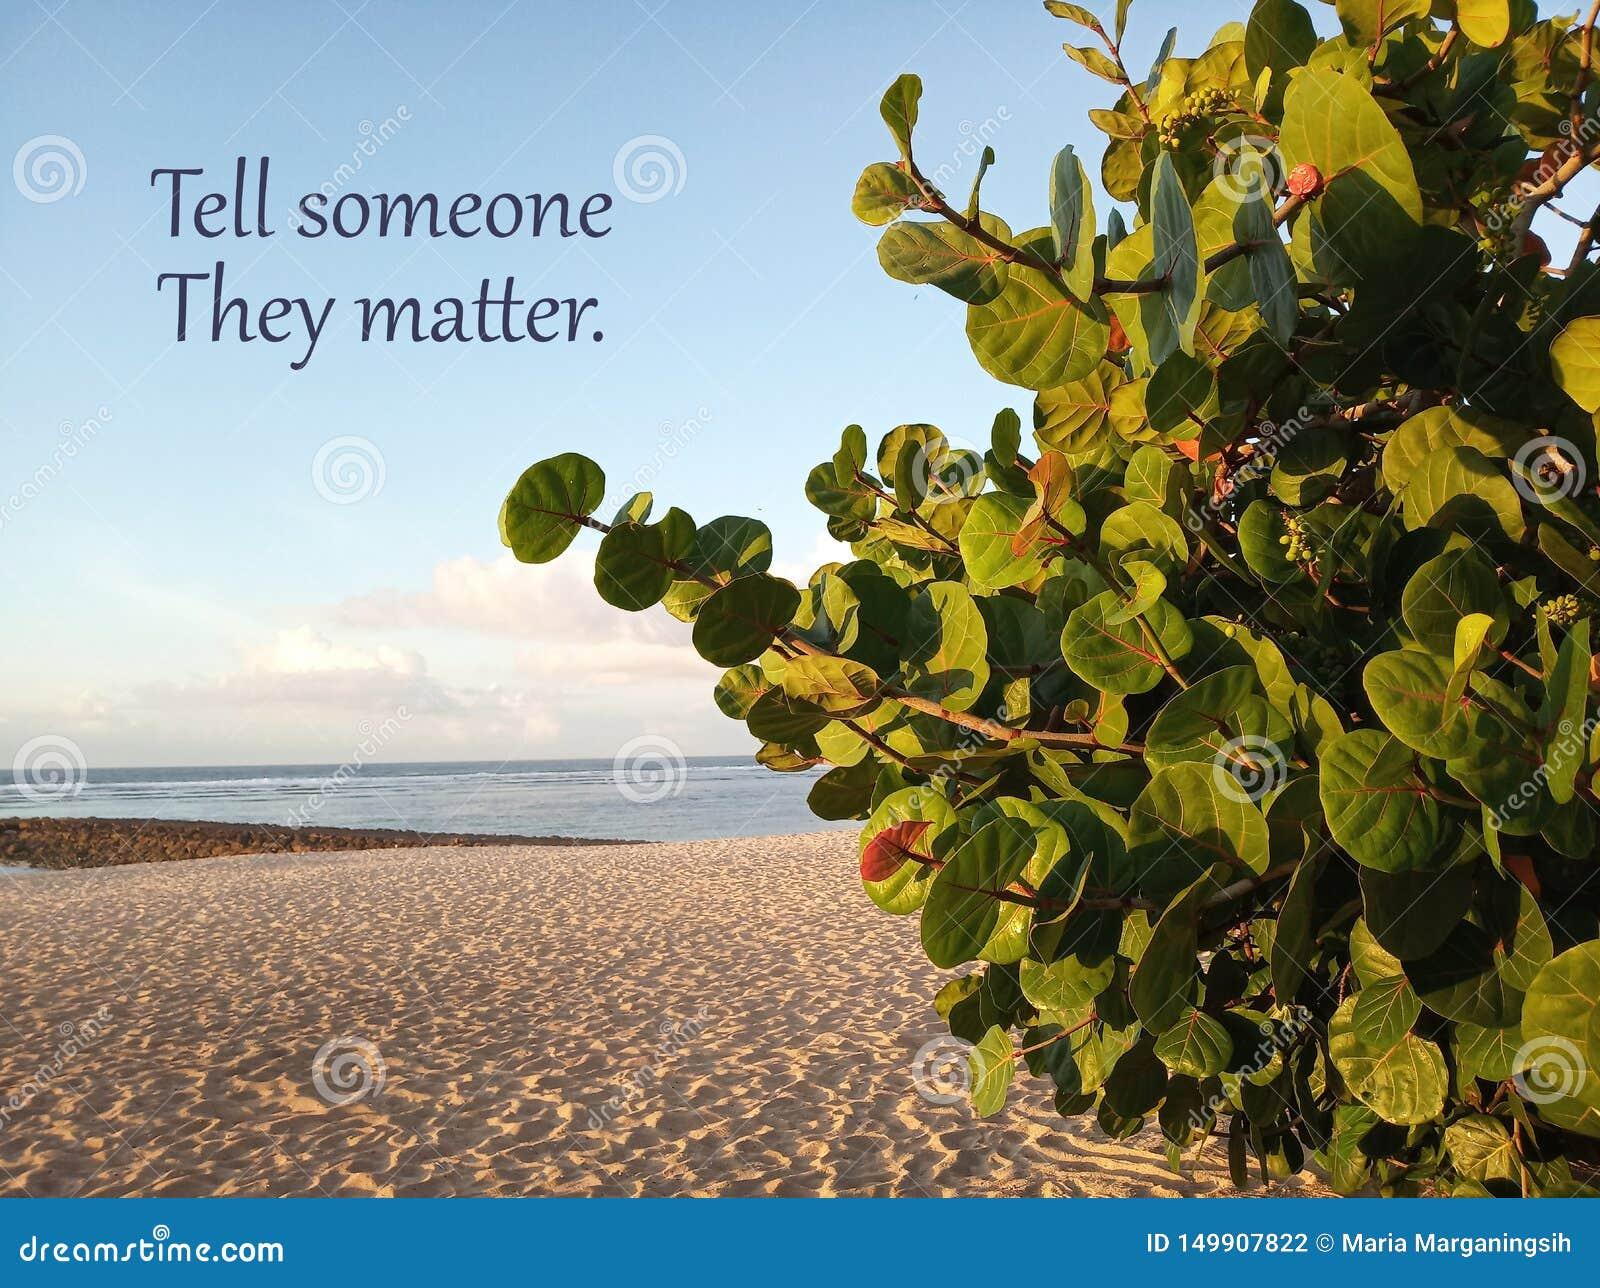 激动人心的诱导行情告诉他们事关的人 在干净的天空蔚蓝风景和绿色植物下的白色沙滩